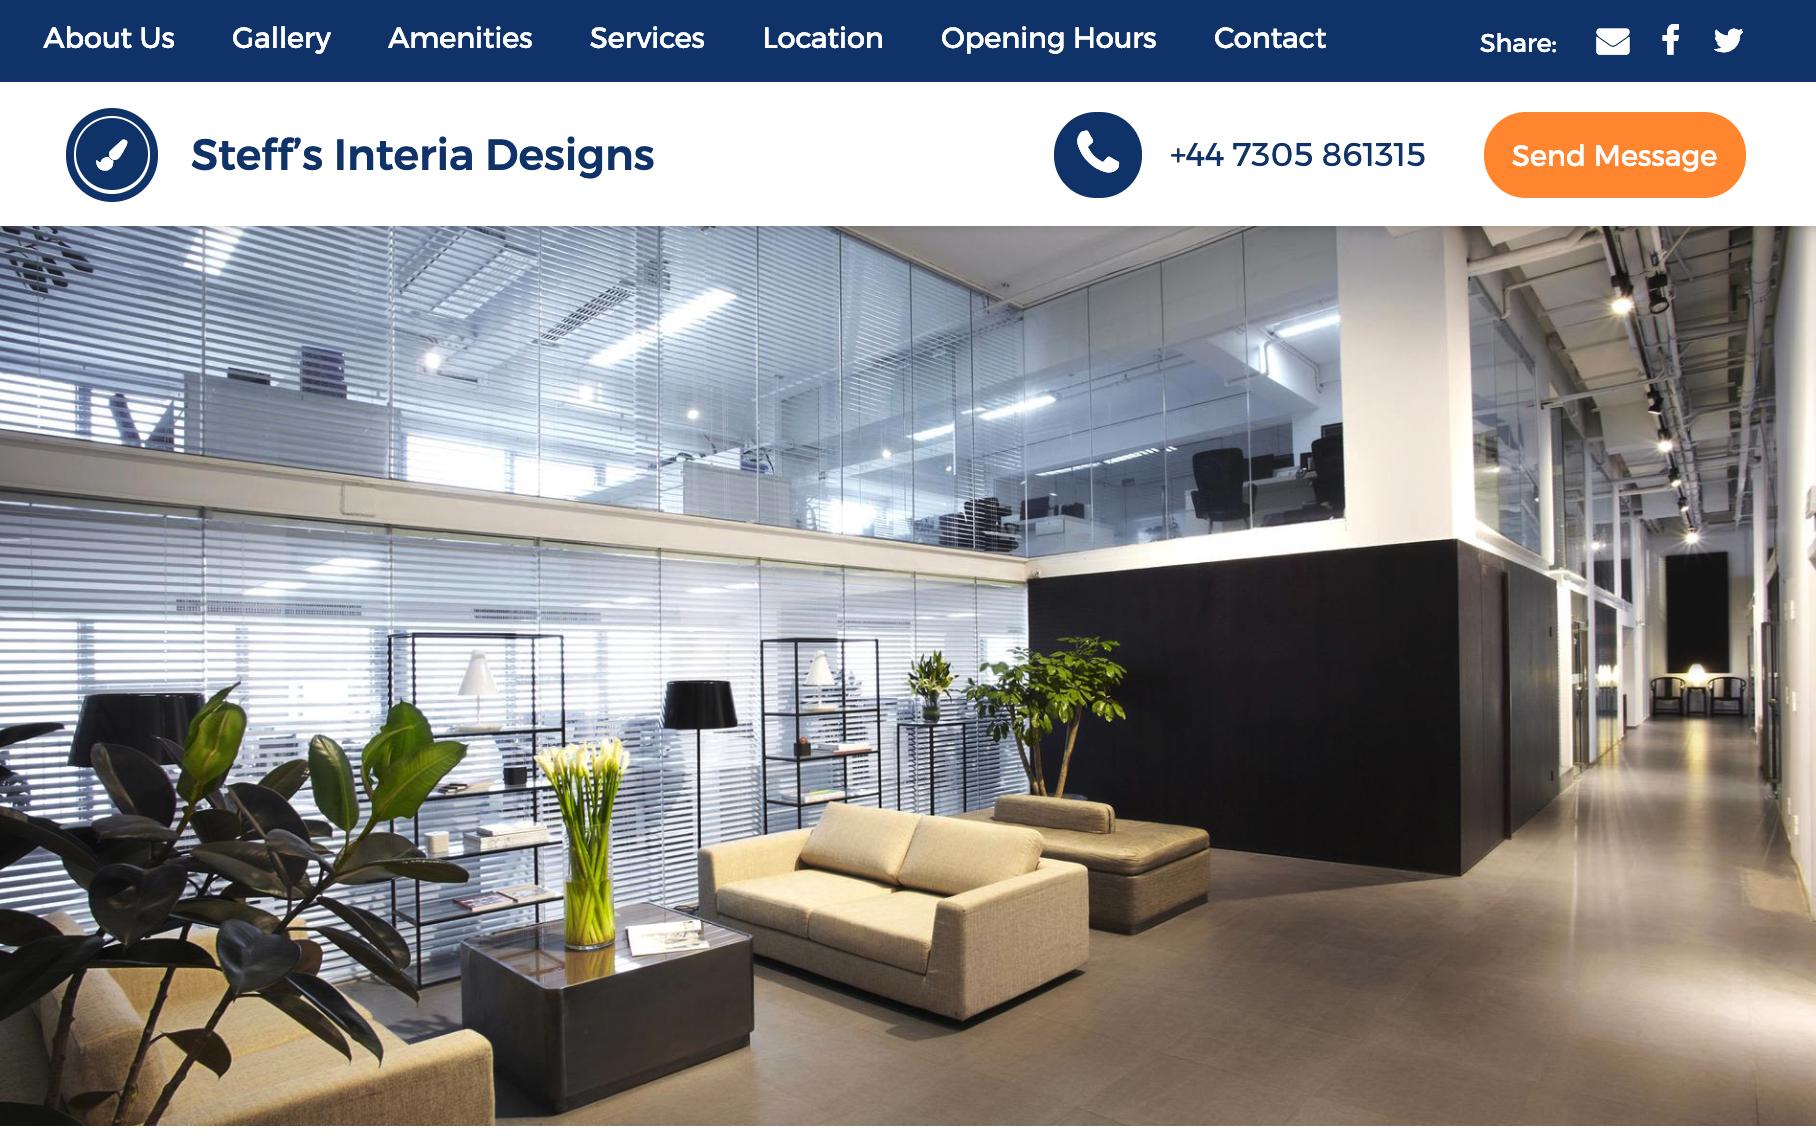 Steff's Interia Designs